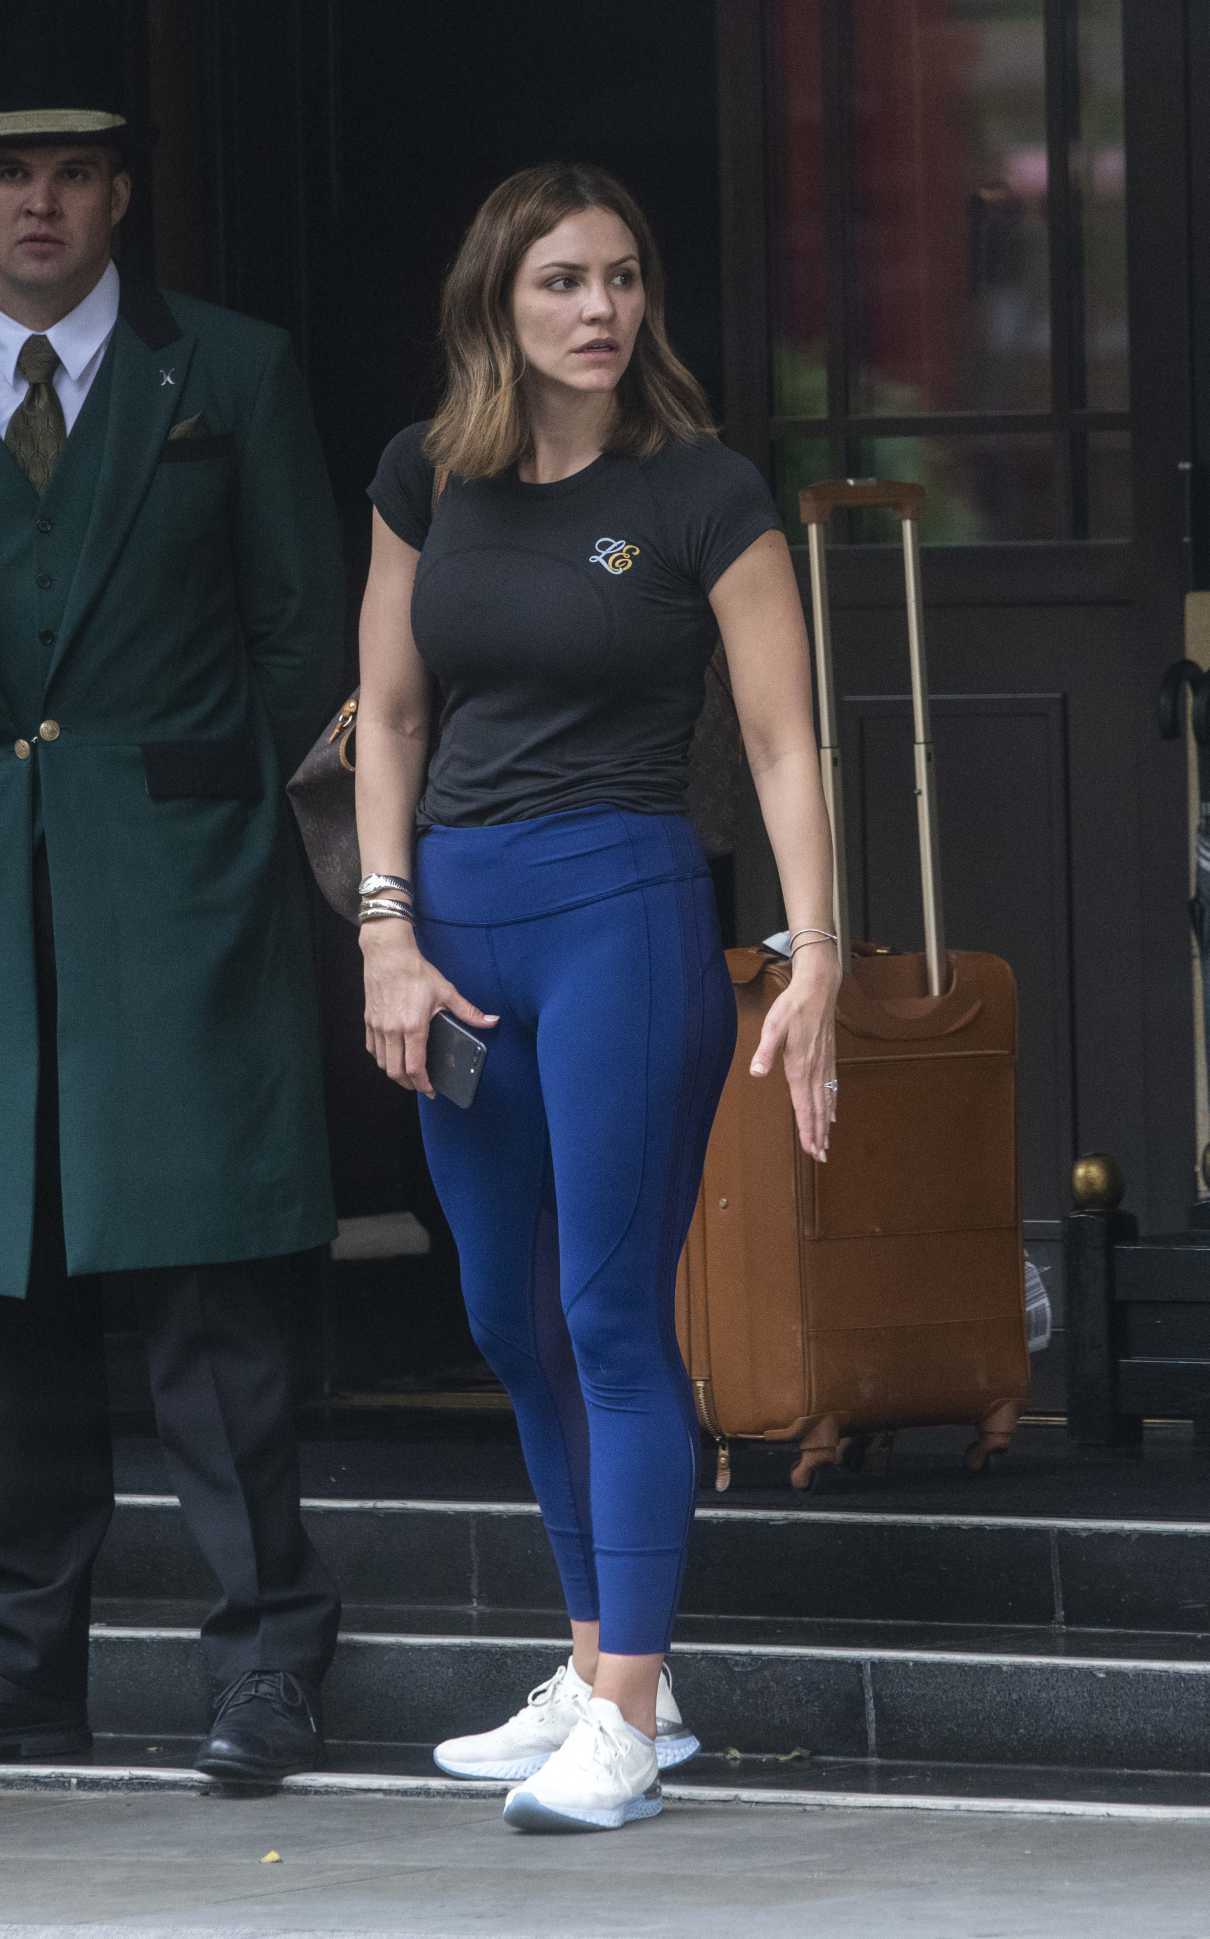 Katharine McPhee in a Blue Leggings